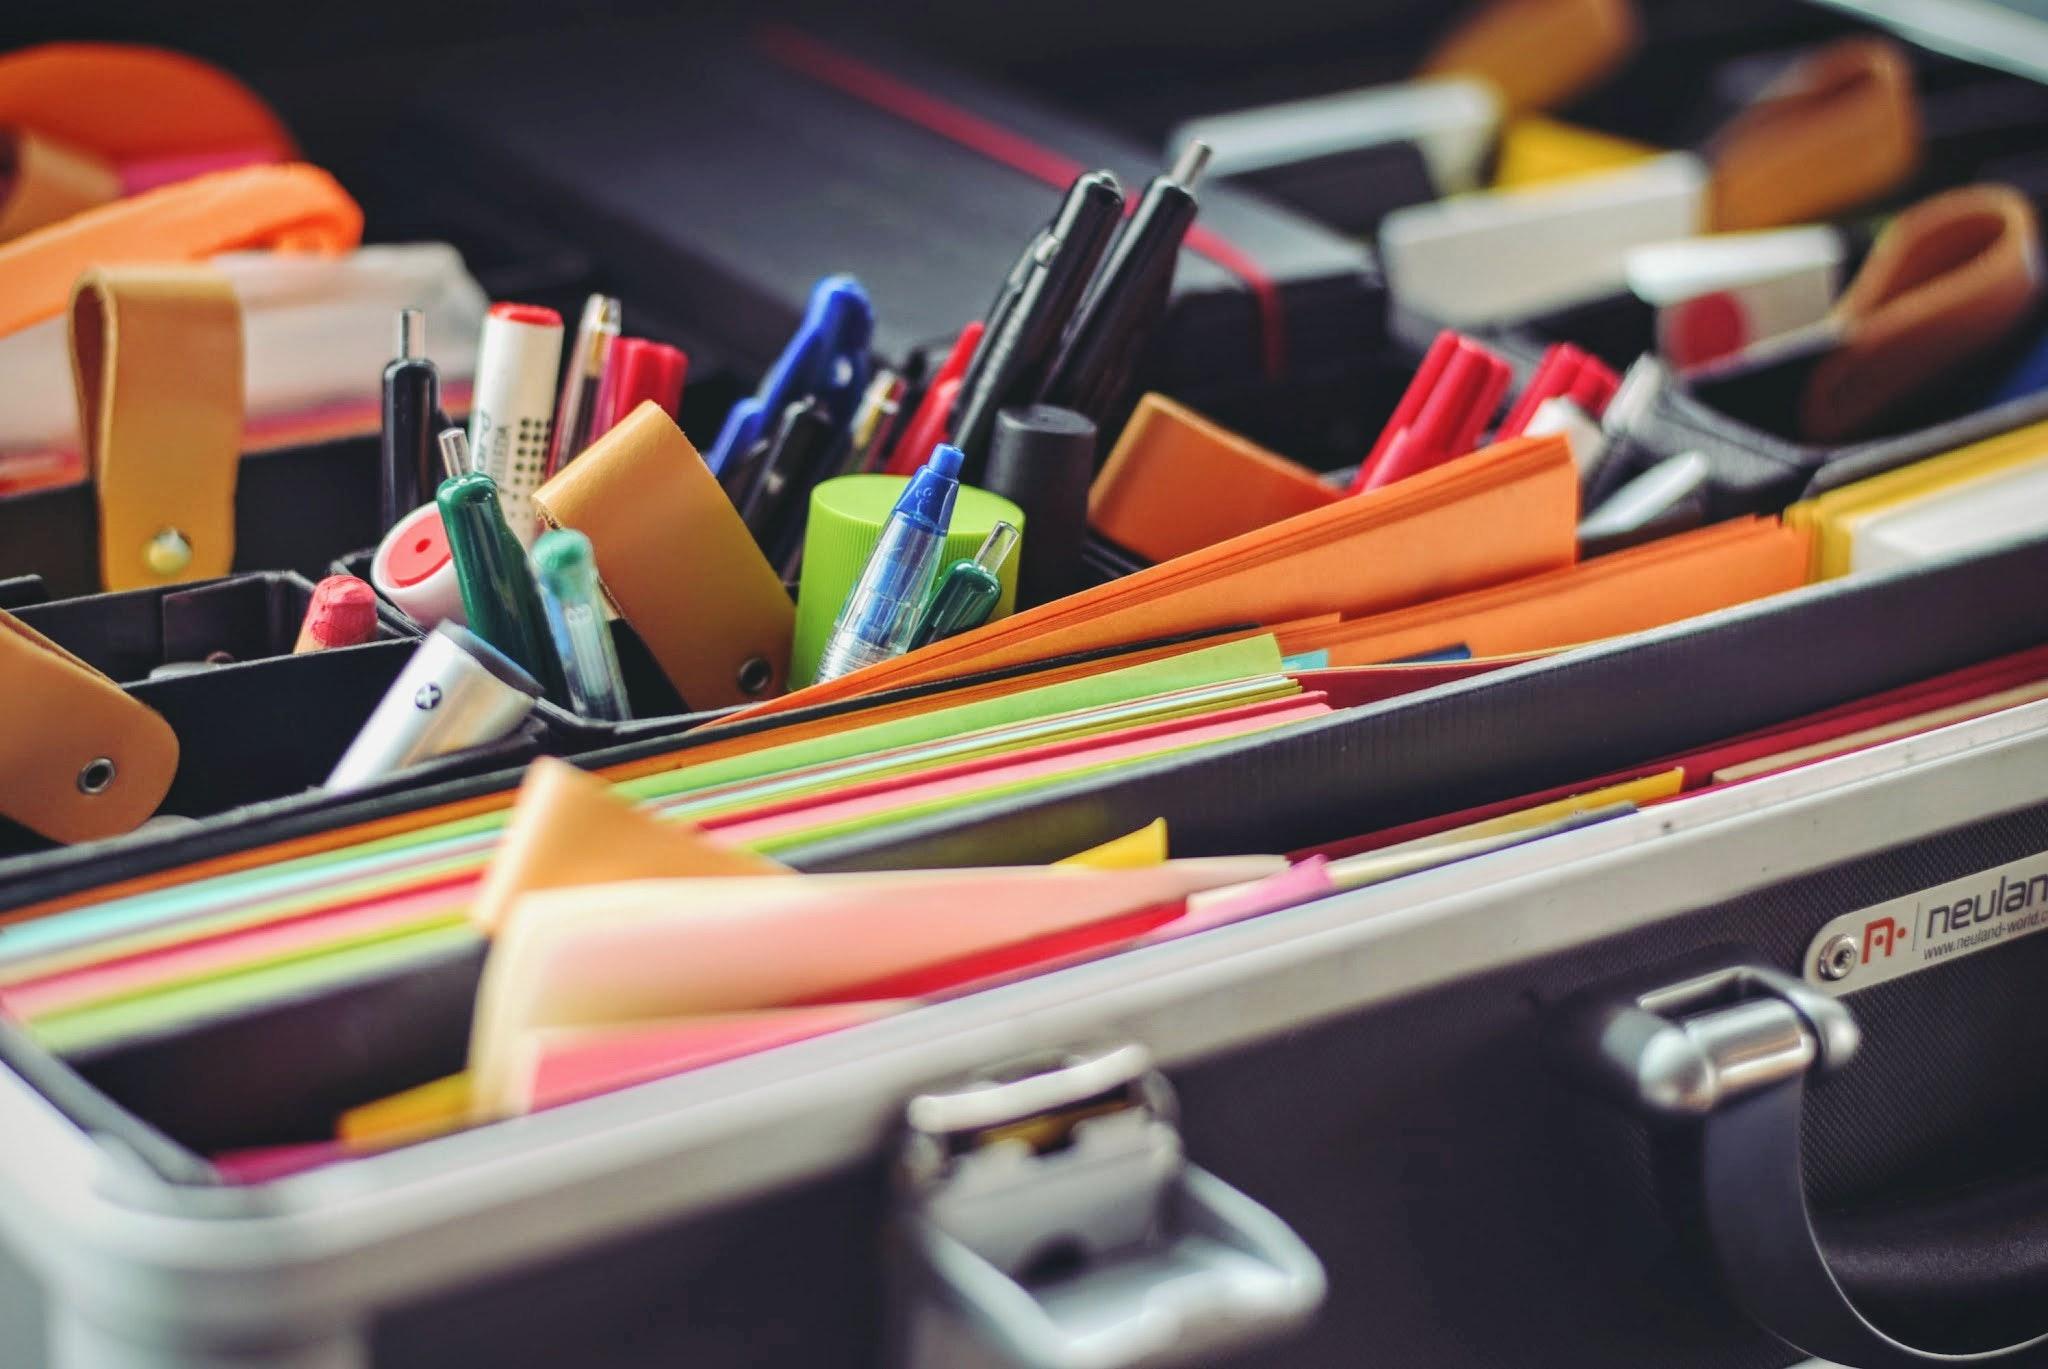 tips-ahorrar-en-utiles-escolares-1